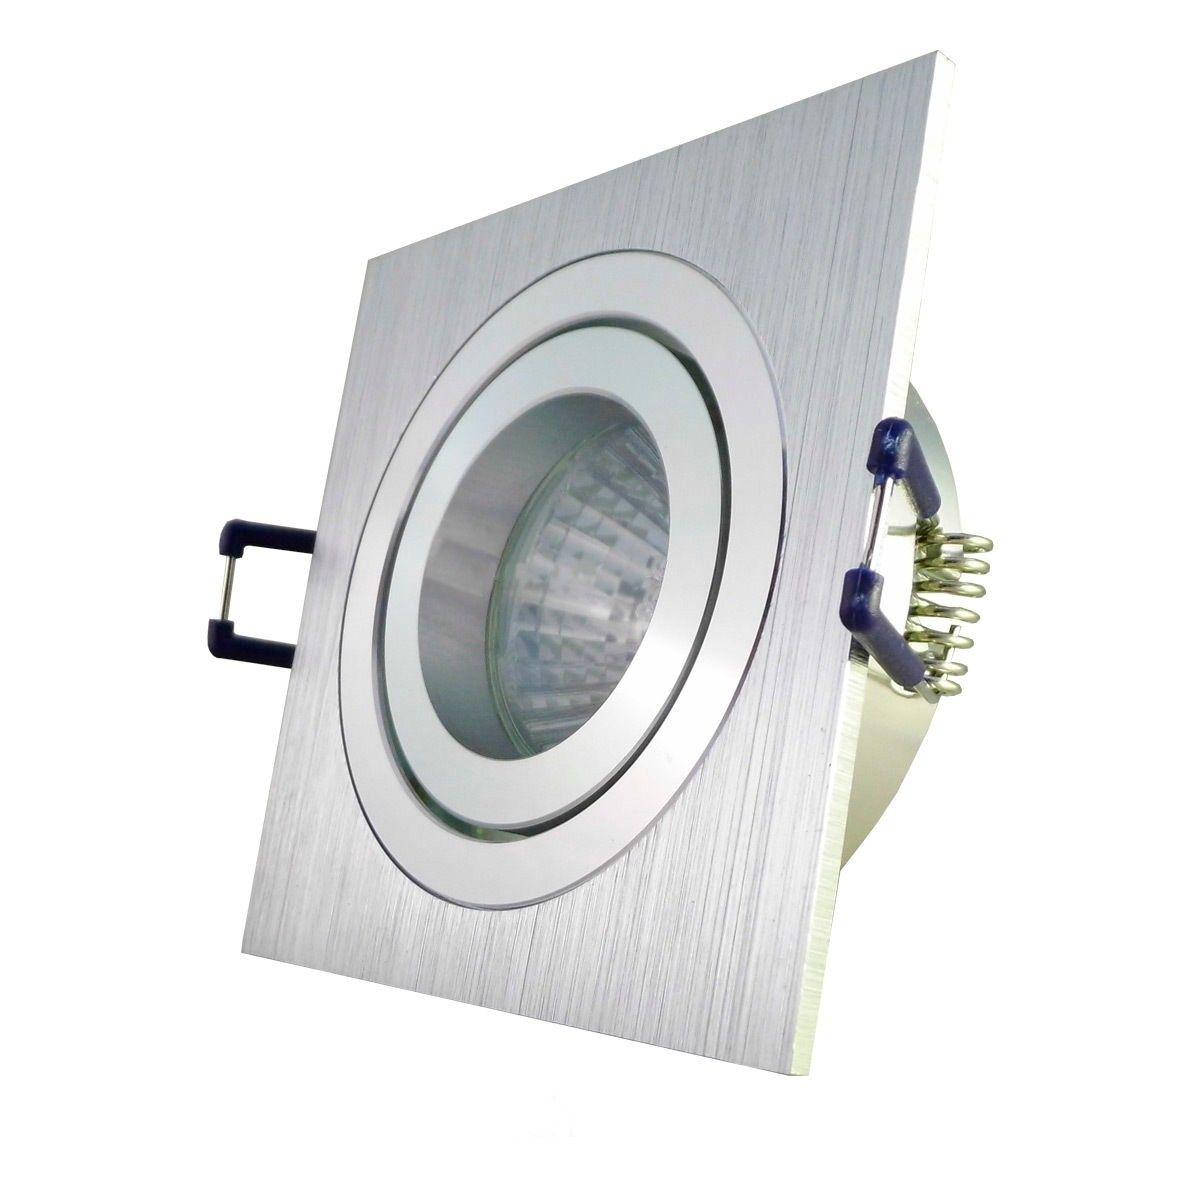 eclairage led 12v maison ventana blog. Black Bedroom Furniture Sets. Home Design Ideas